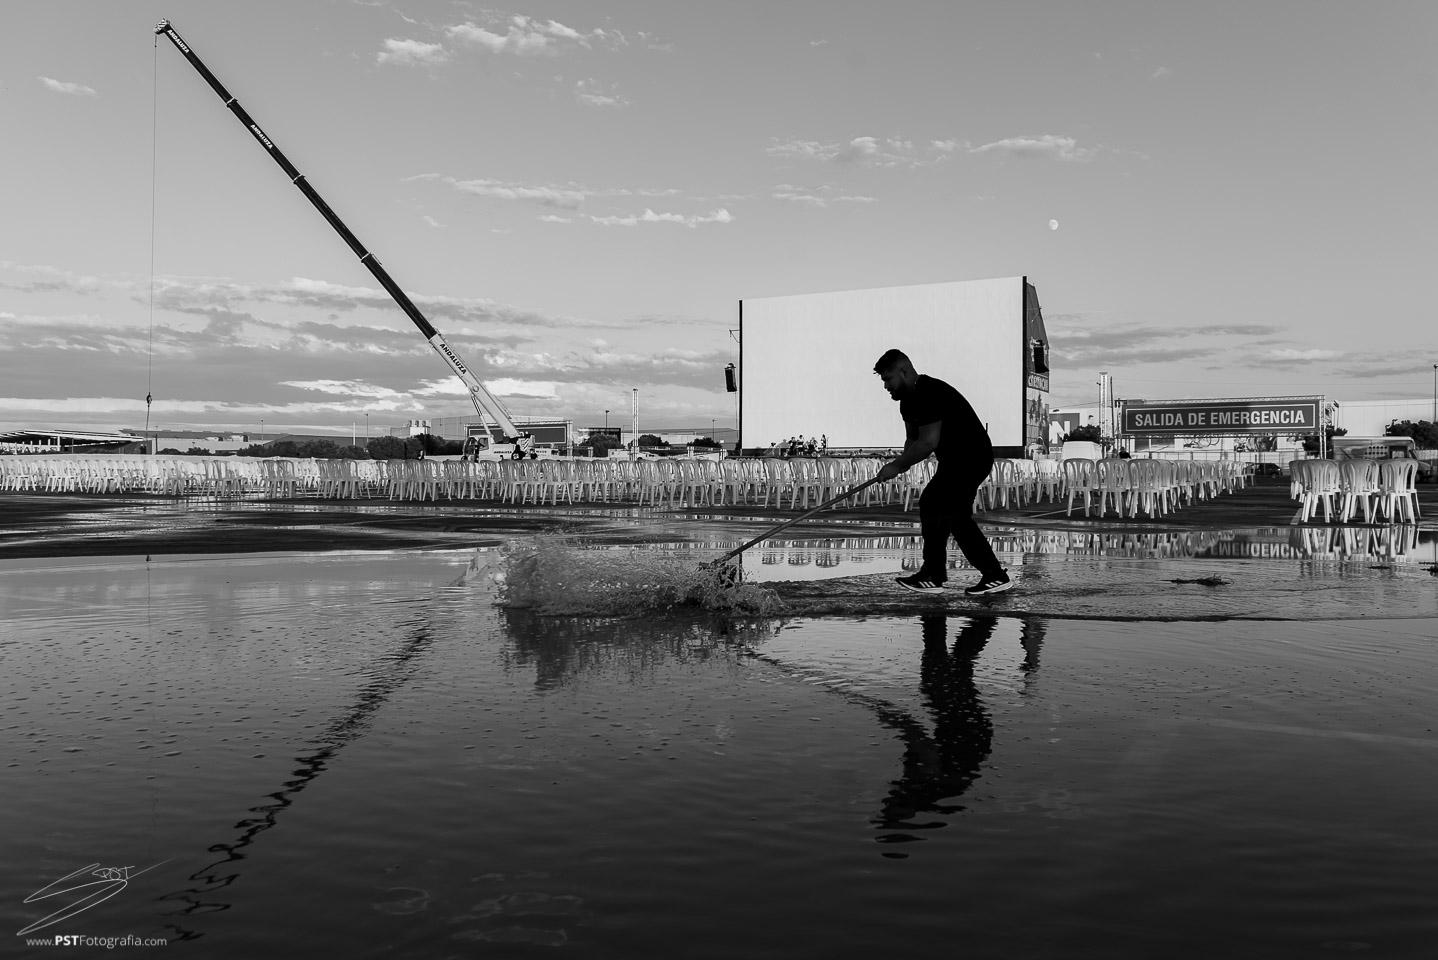 Trabajador de Cinemacar achicando agua tras la tormenta